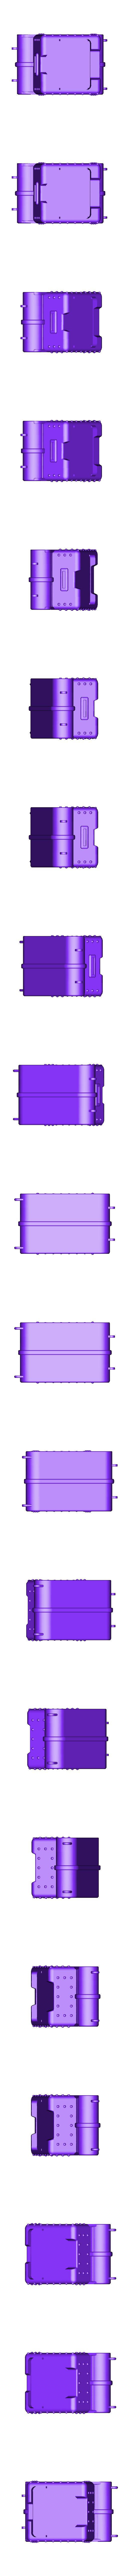 Lower_Chassis.stl Télécharger fichier 3MF gratuit LIMACE MÉTALLIQUE - NOP-03 SARUBIE • Plan imprimable en 3D, FreeBug